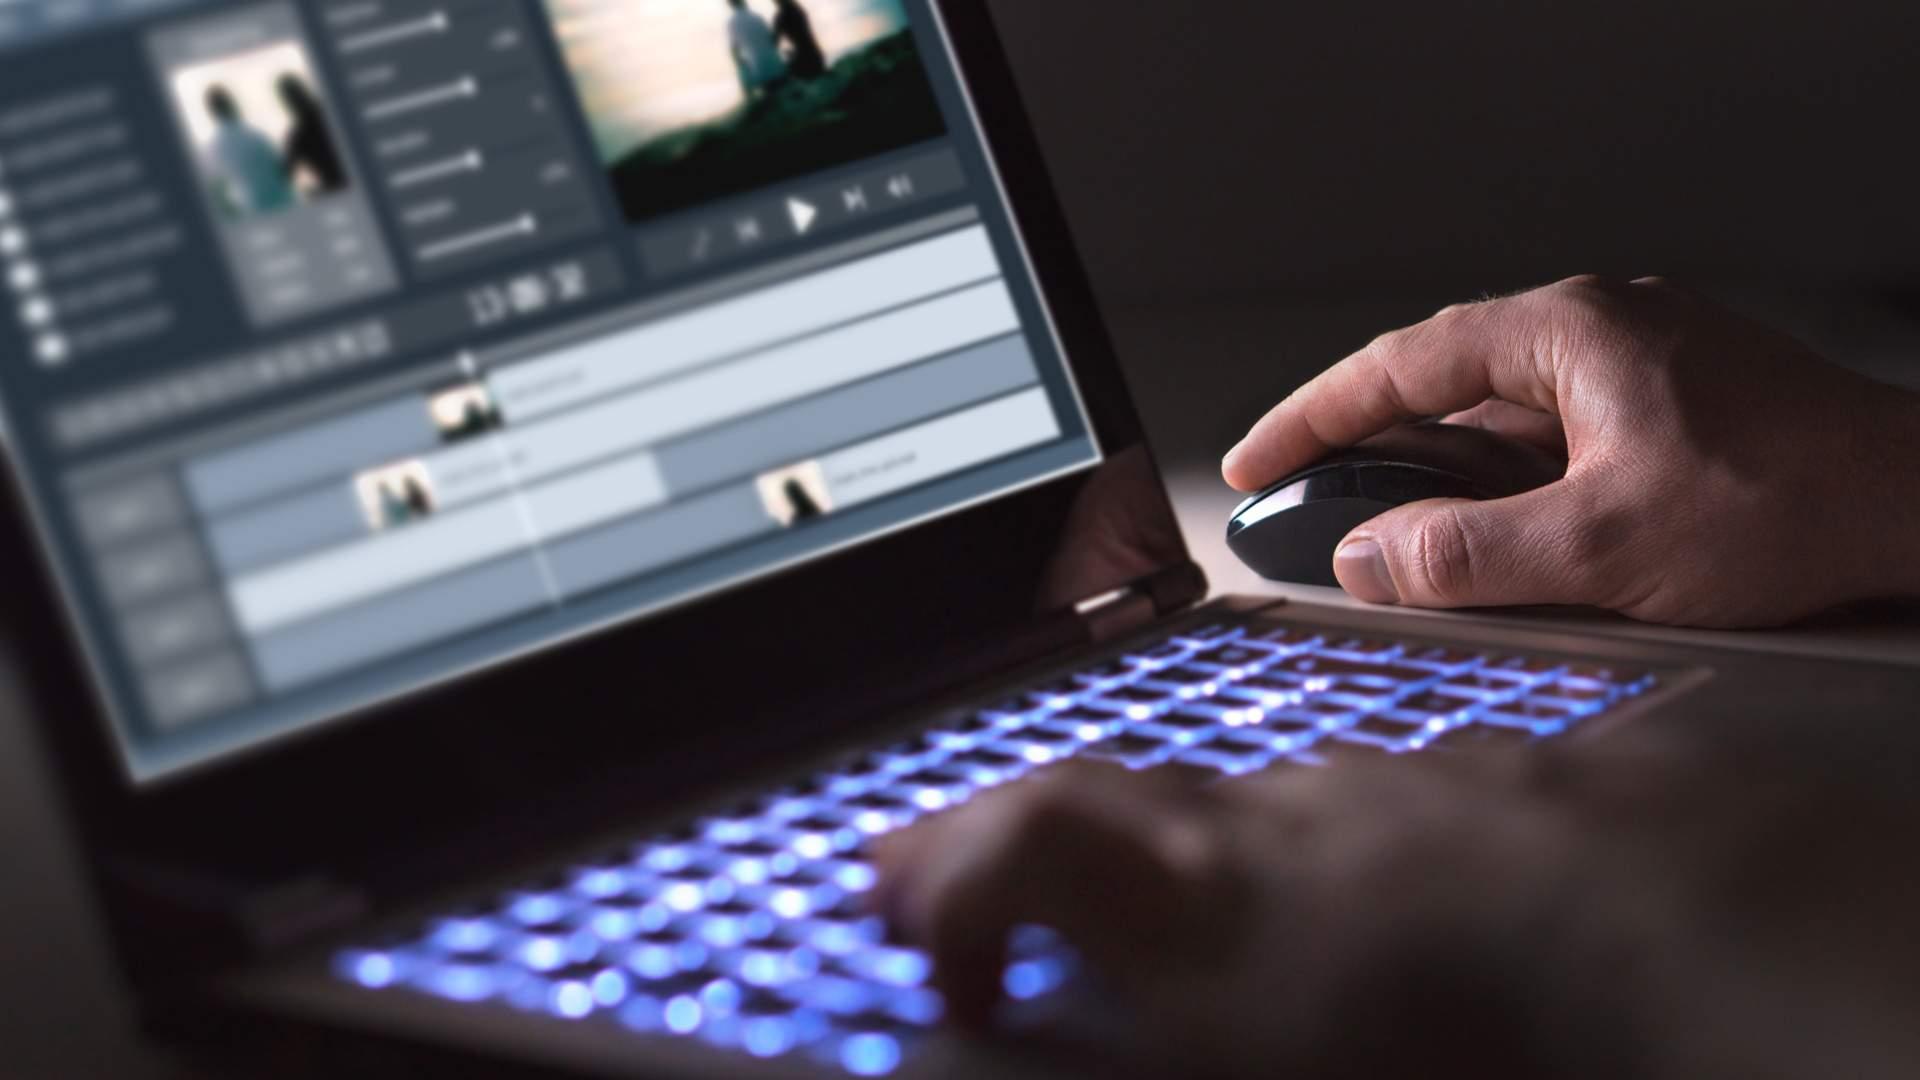 Homem branco usando notebook e mouse com programa de edição em quarto escuro